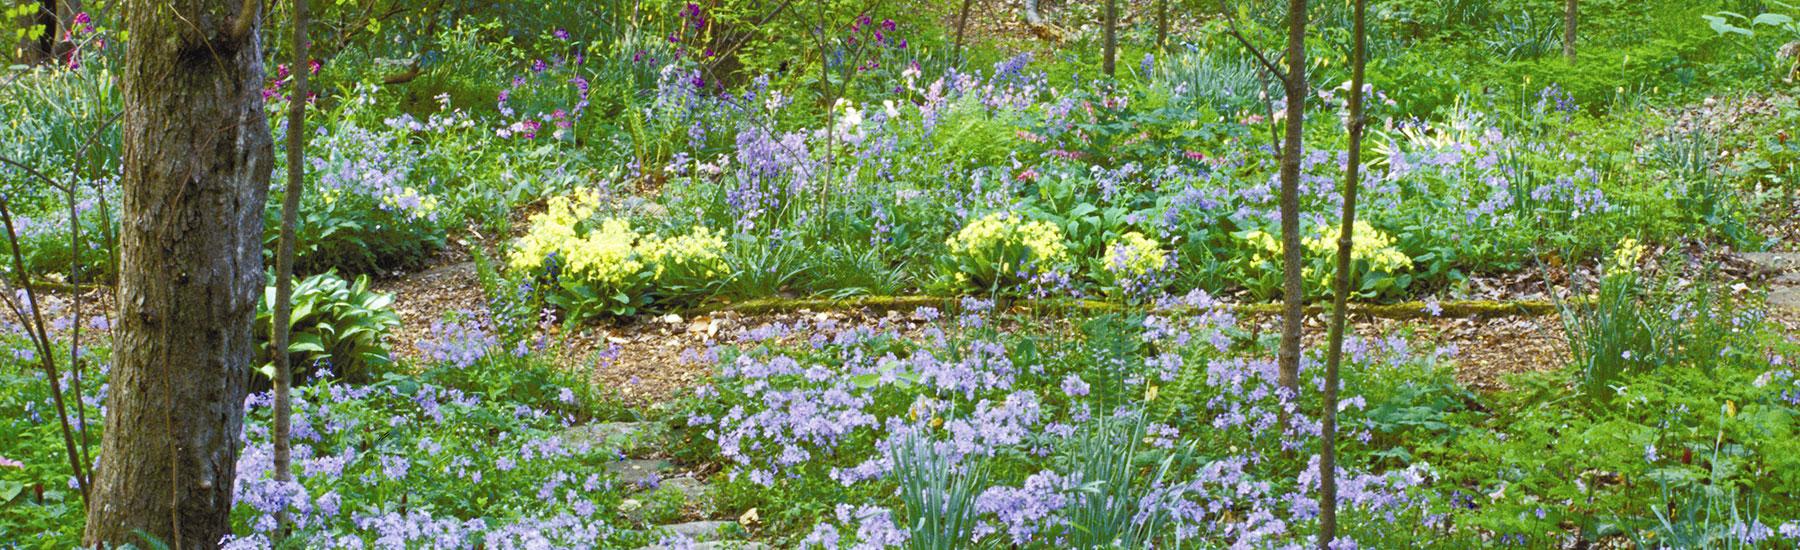 emilys-wildflower-garden-volunteer